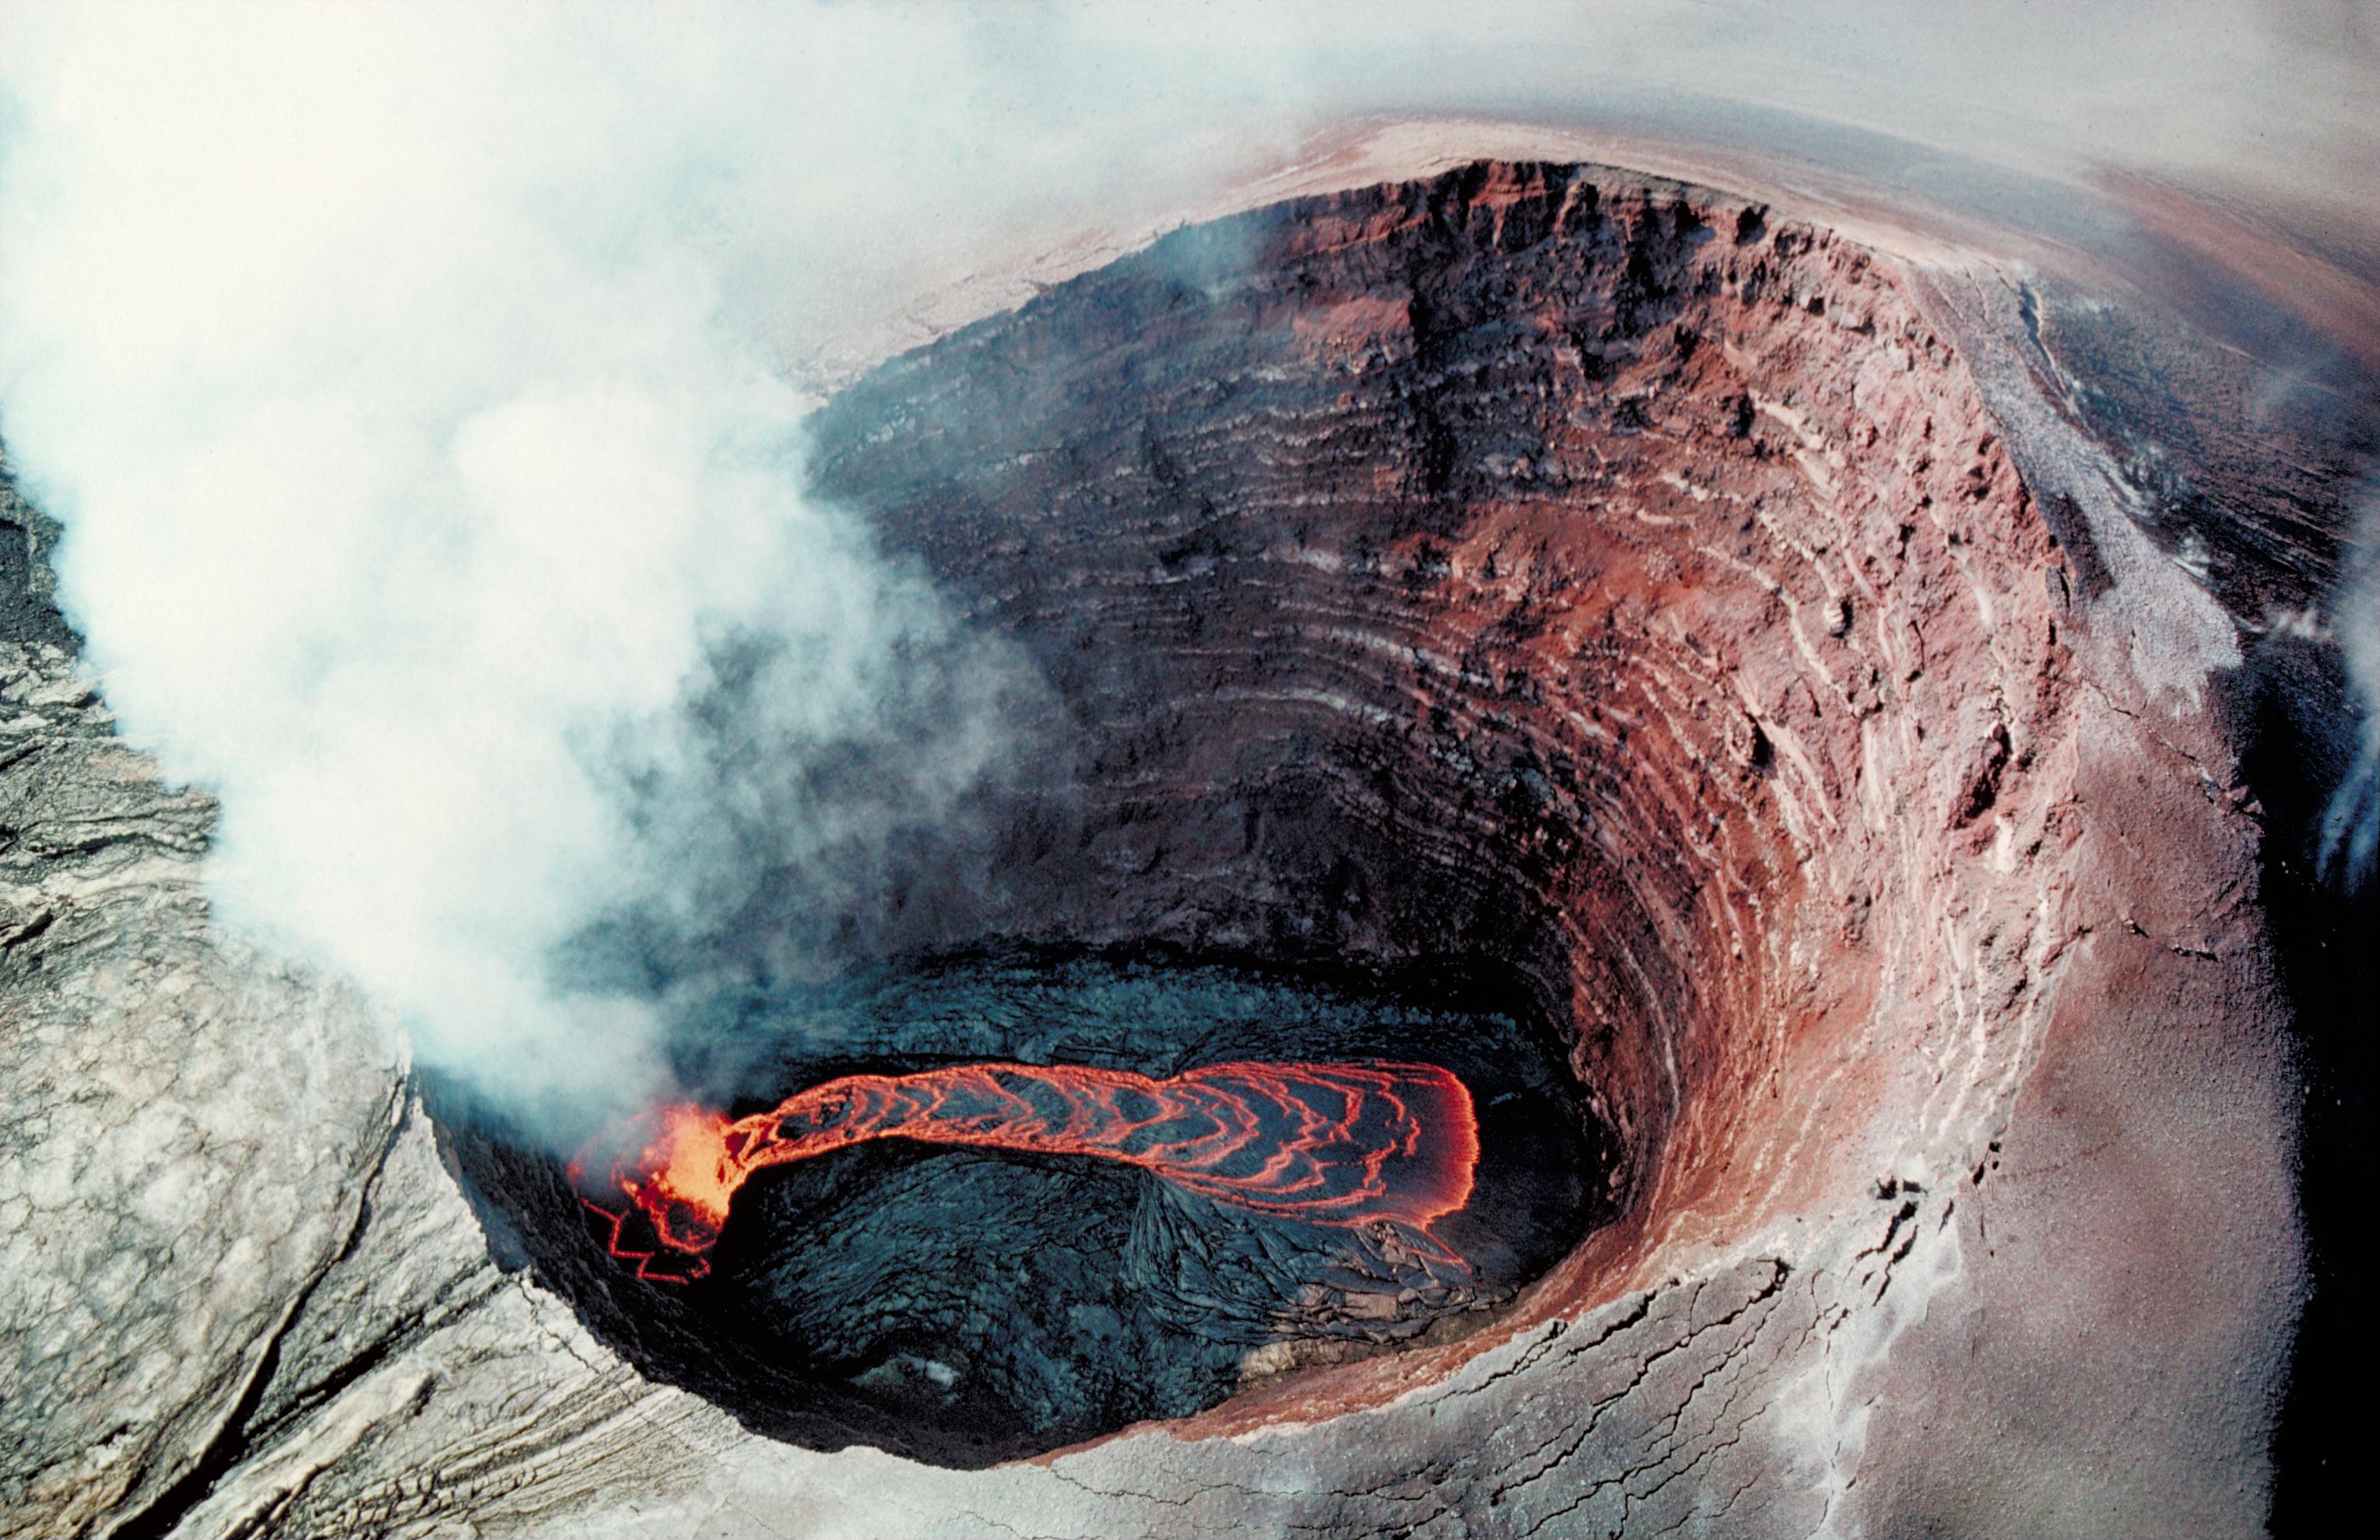 Does australia have volcanoes